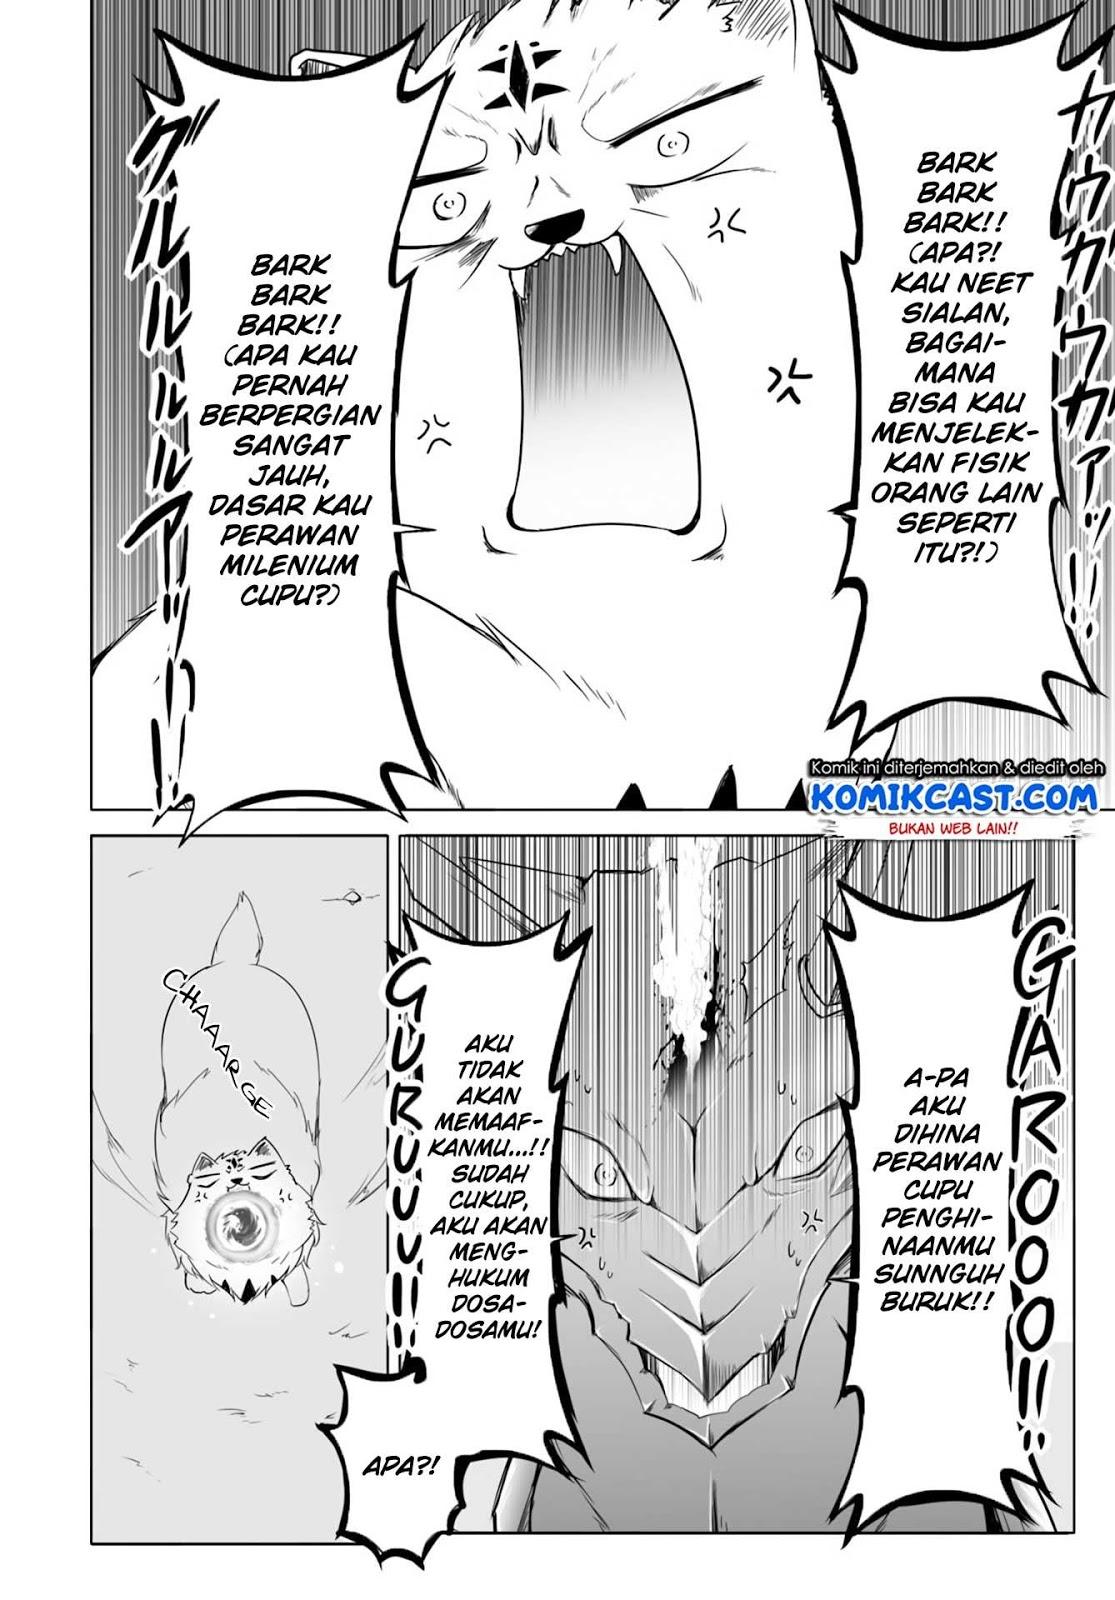 Wanwan Monogatari: Kanemochi no Inu ni Shite to wa Itta ga, Fenrir ni Shiro to wa Itte Nee!: Chapter 12.2 - Page 3